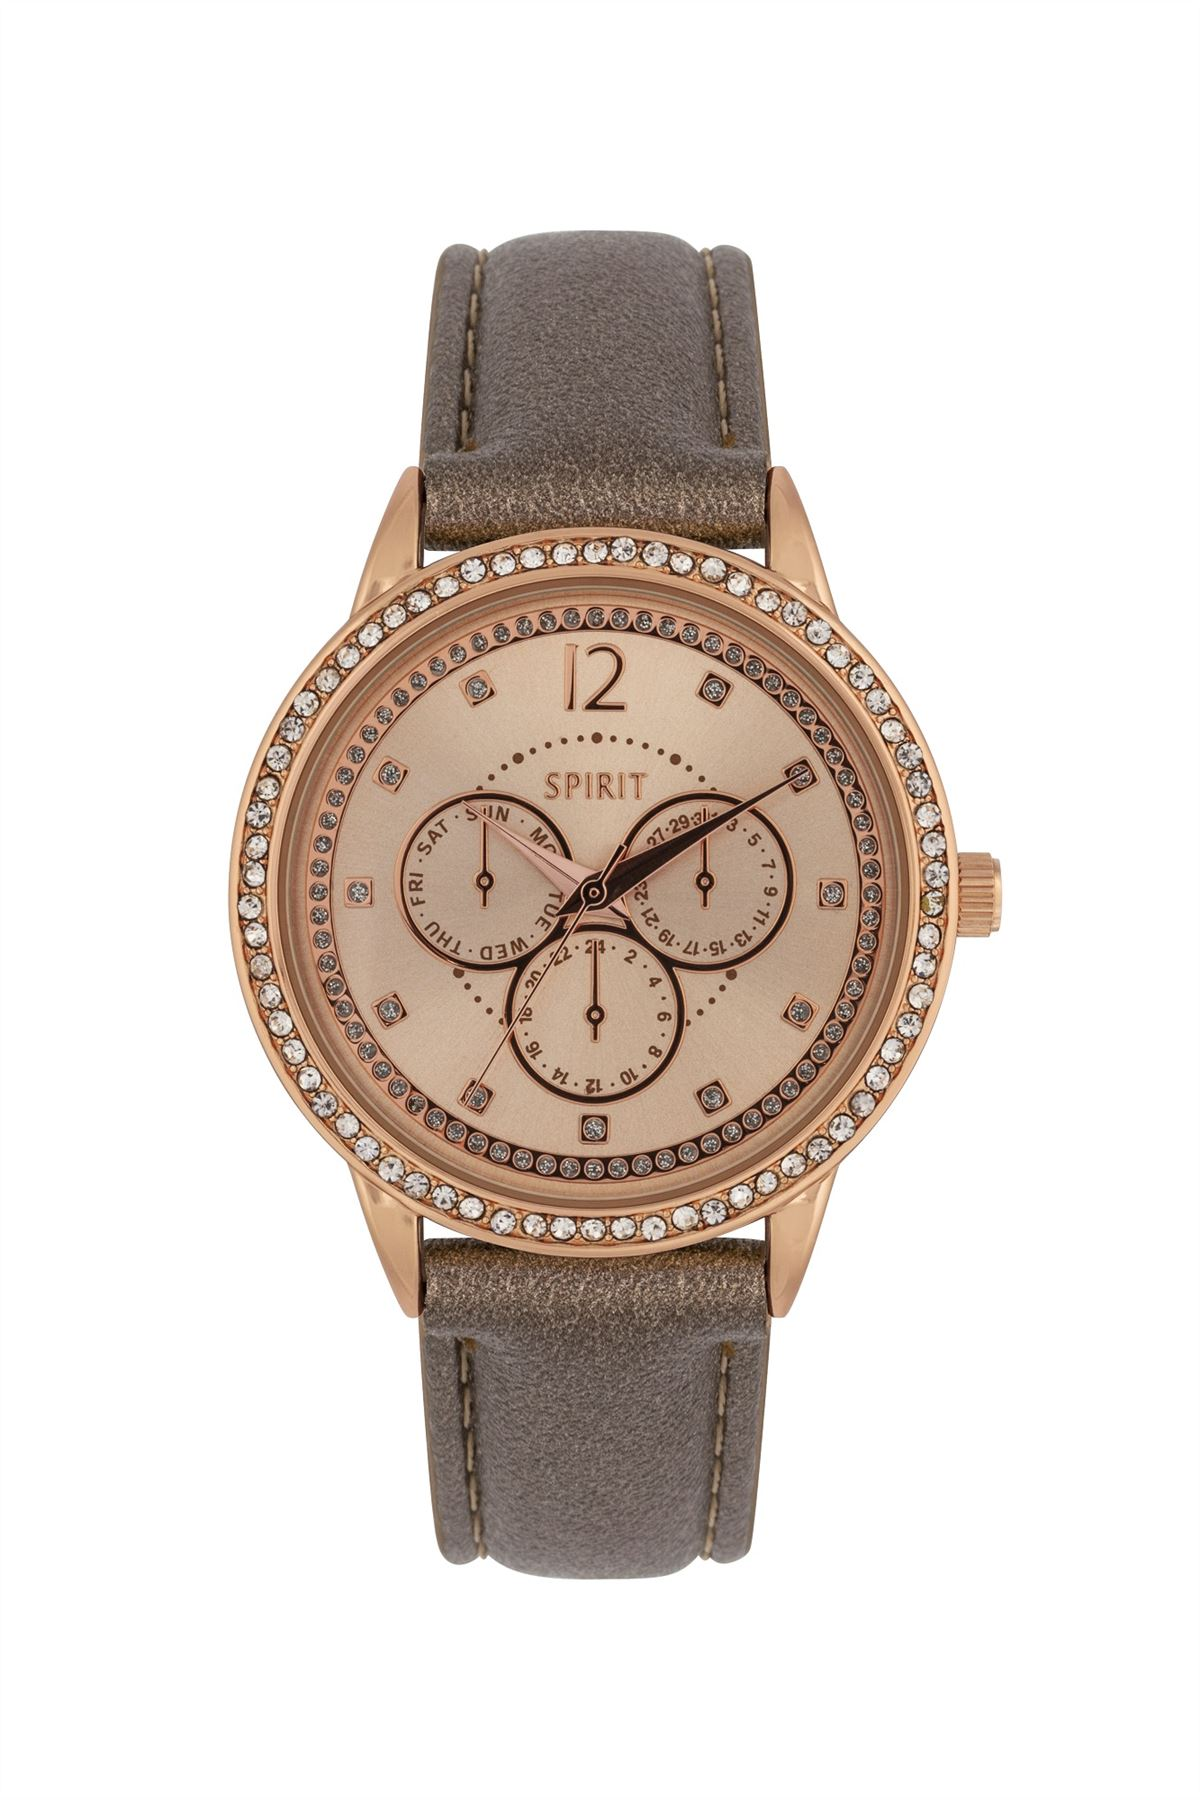 Spirit Ladies Womens Luxury Wrist Watches